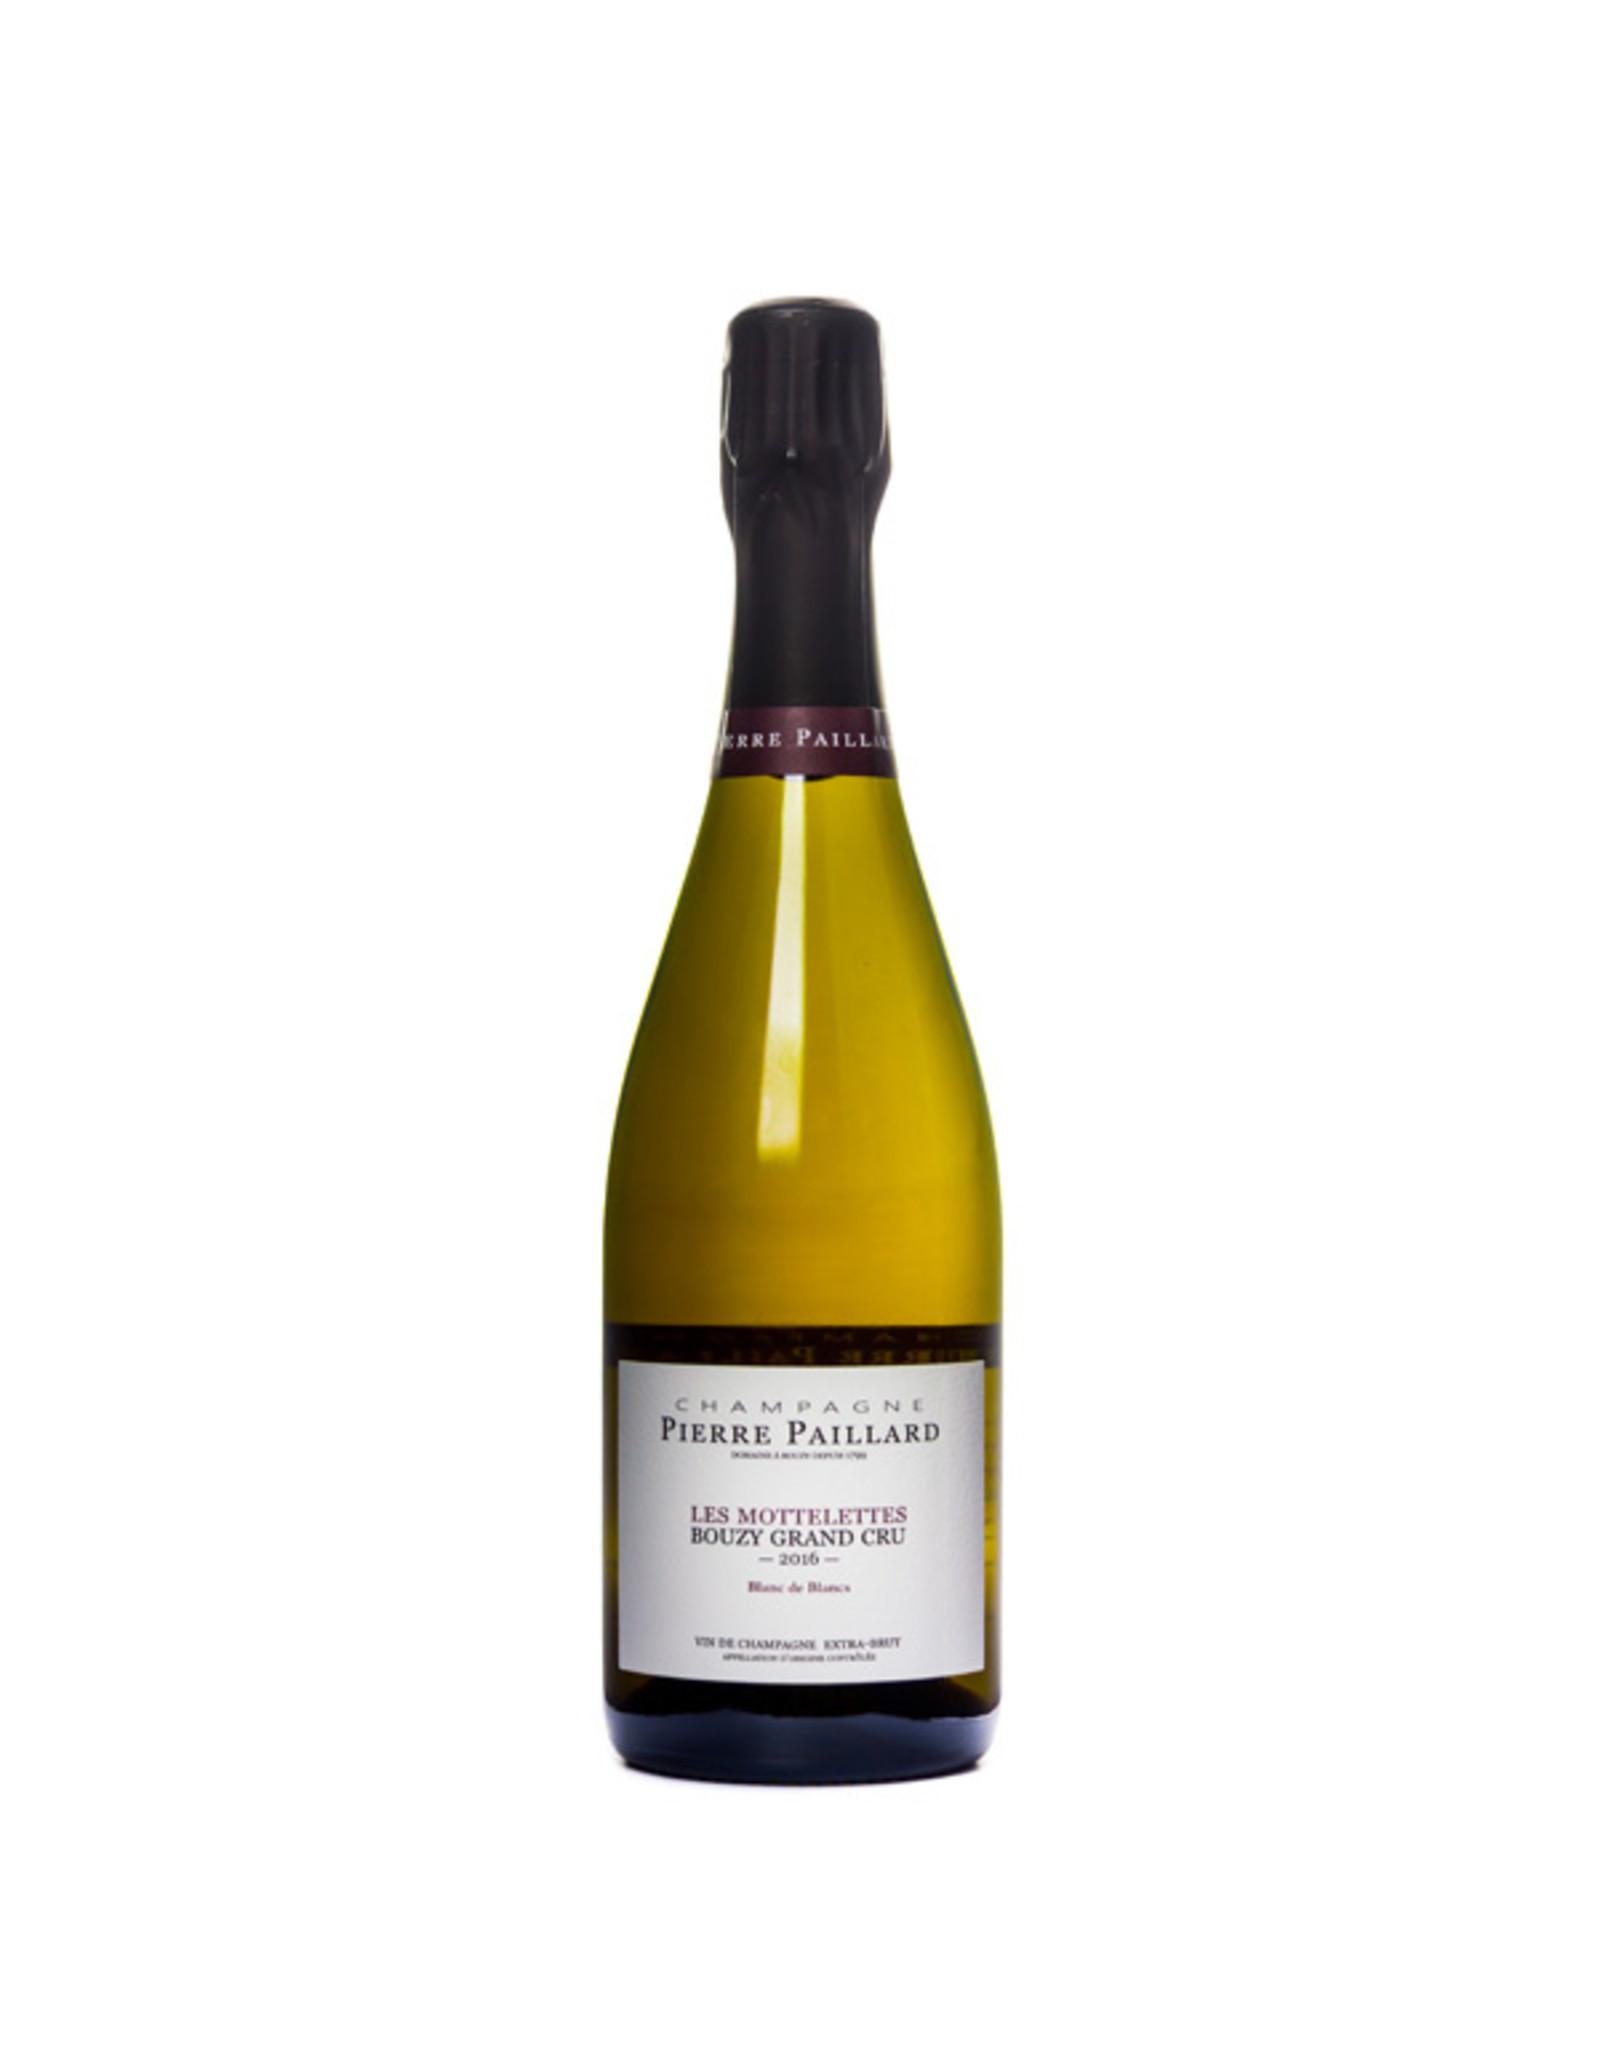 Pierre Paillard Champagne Pierre Paillard Les Mottelettes